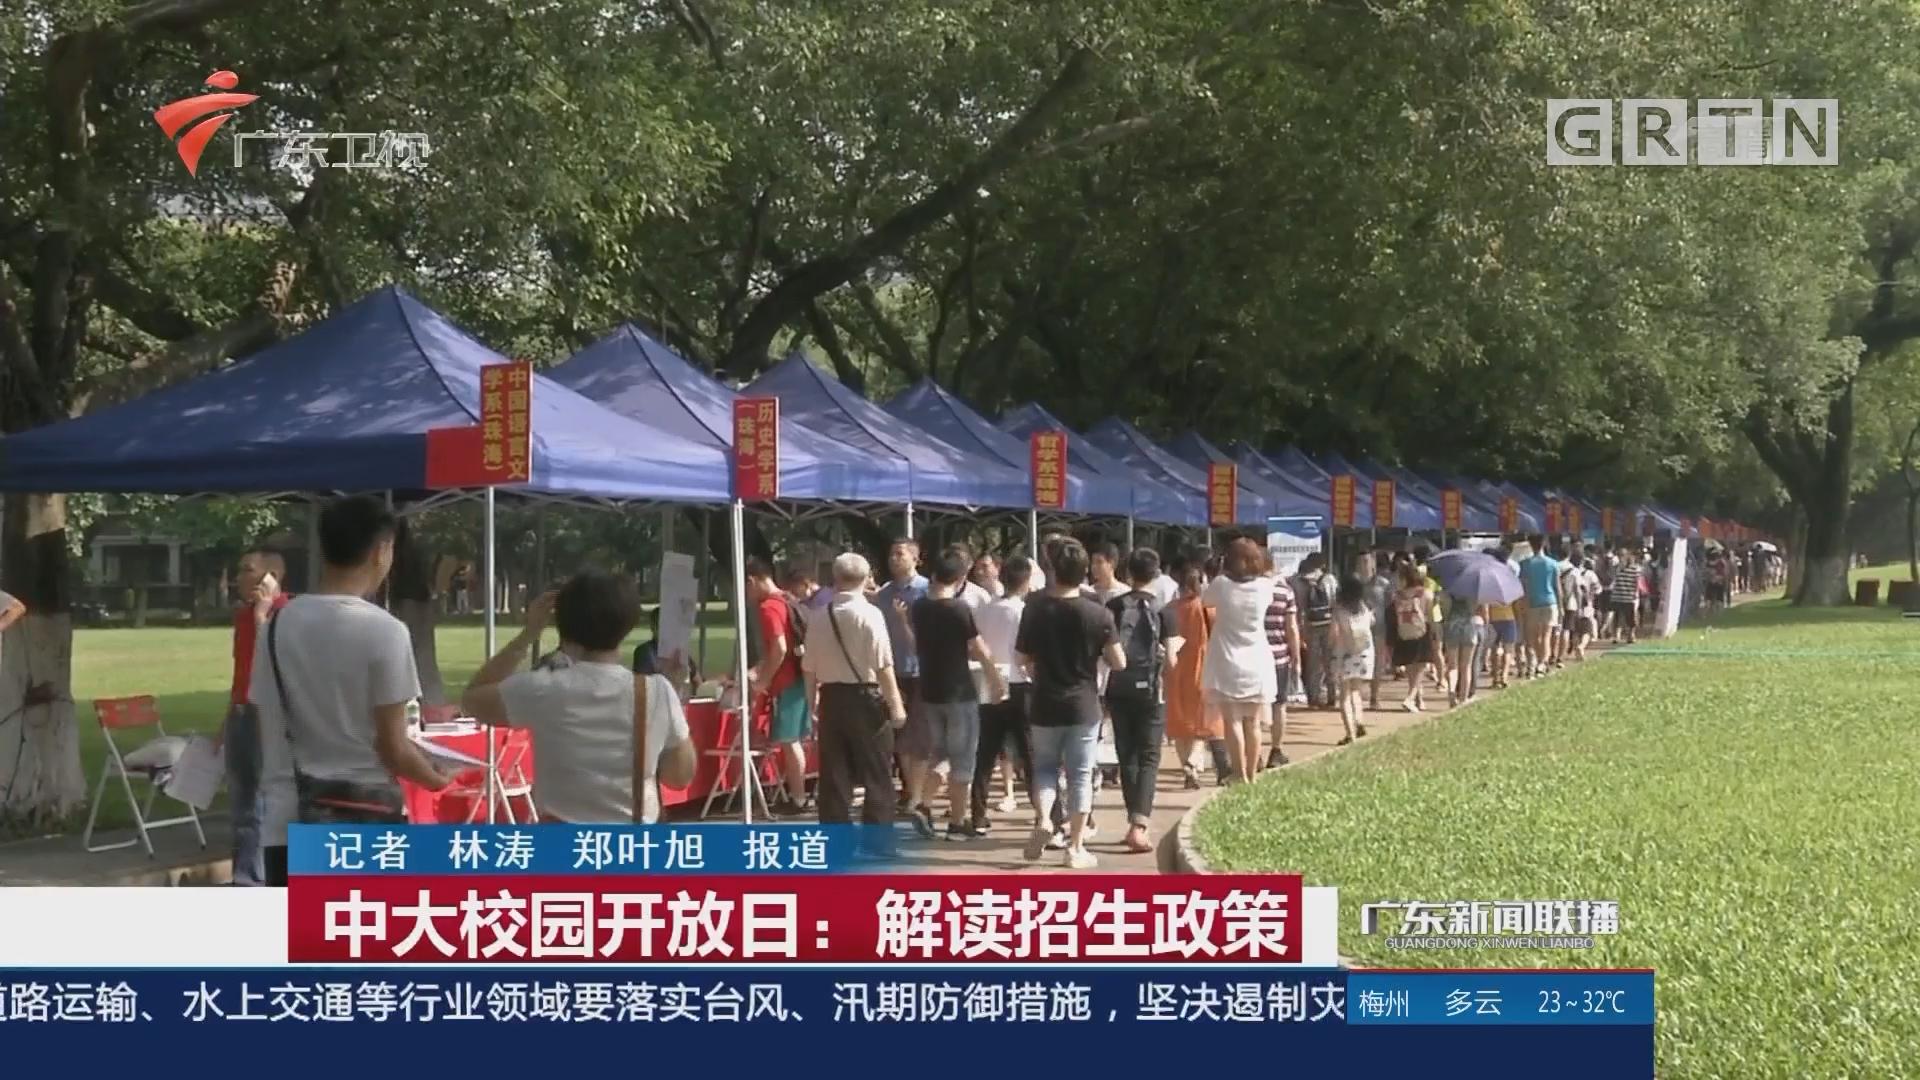 中大校园开放日:解读招生政策